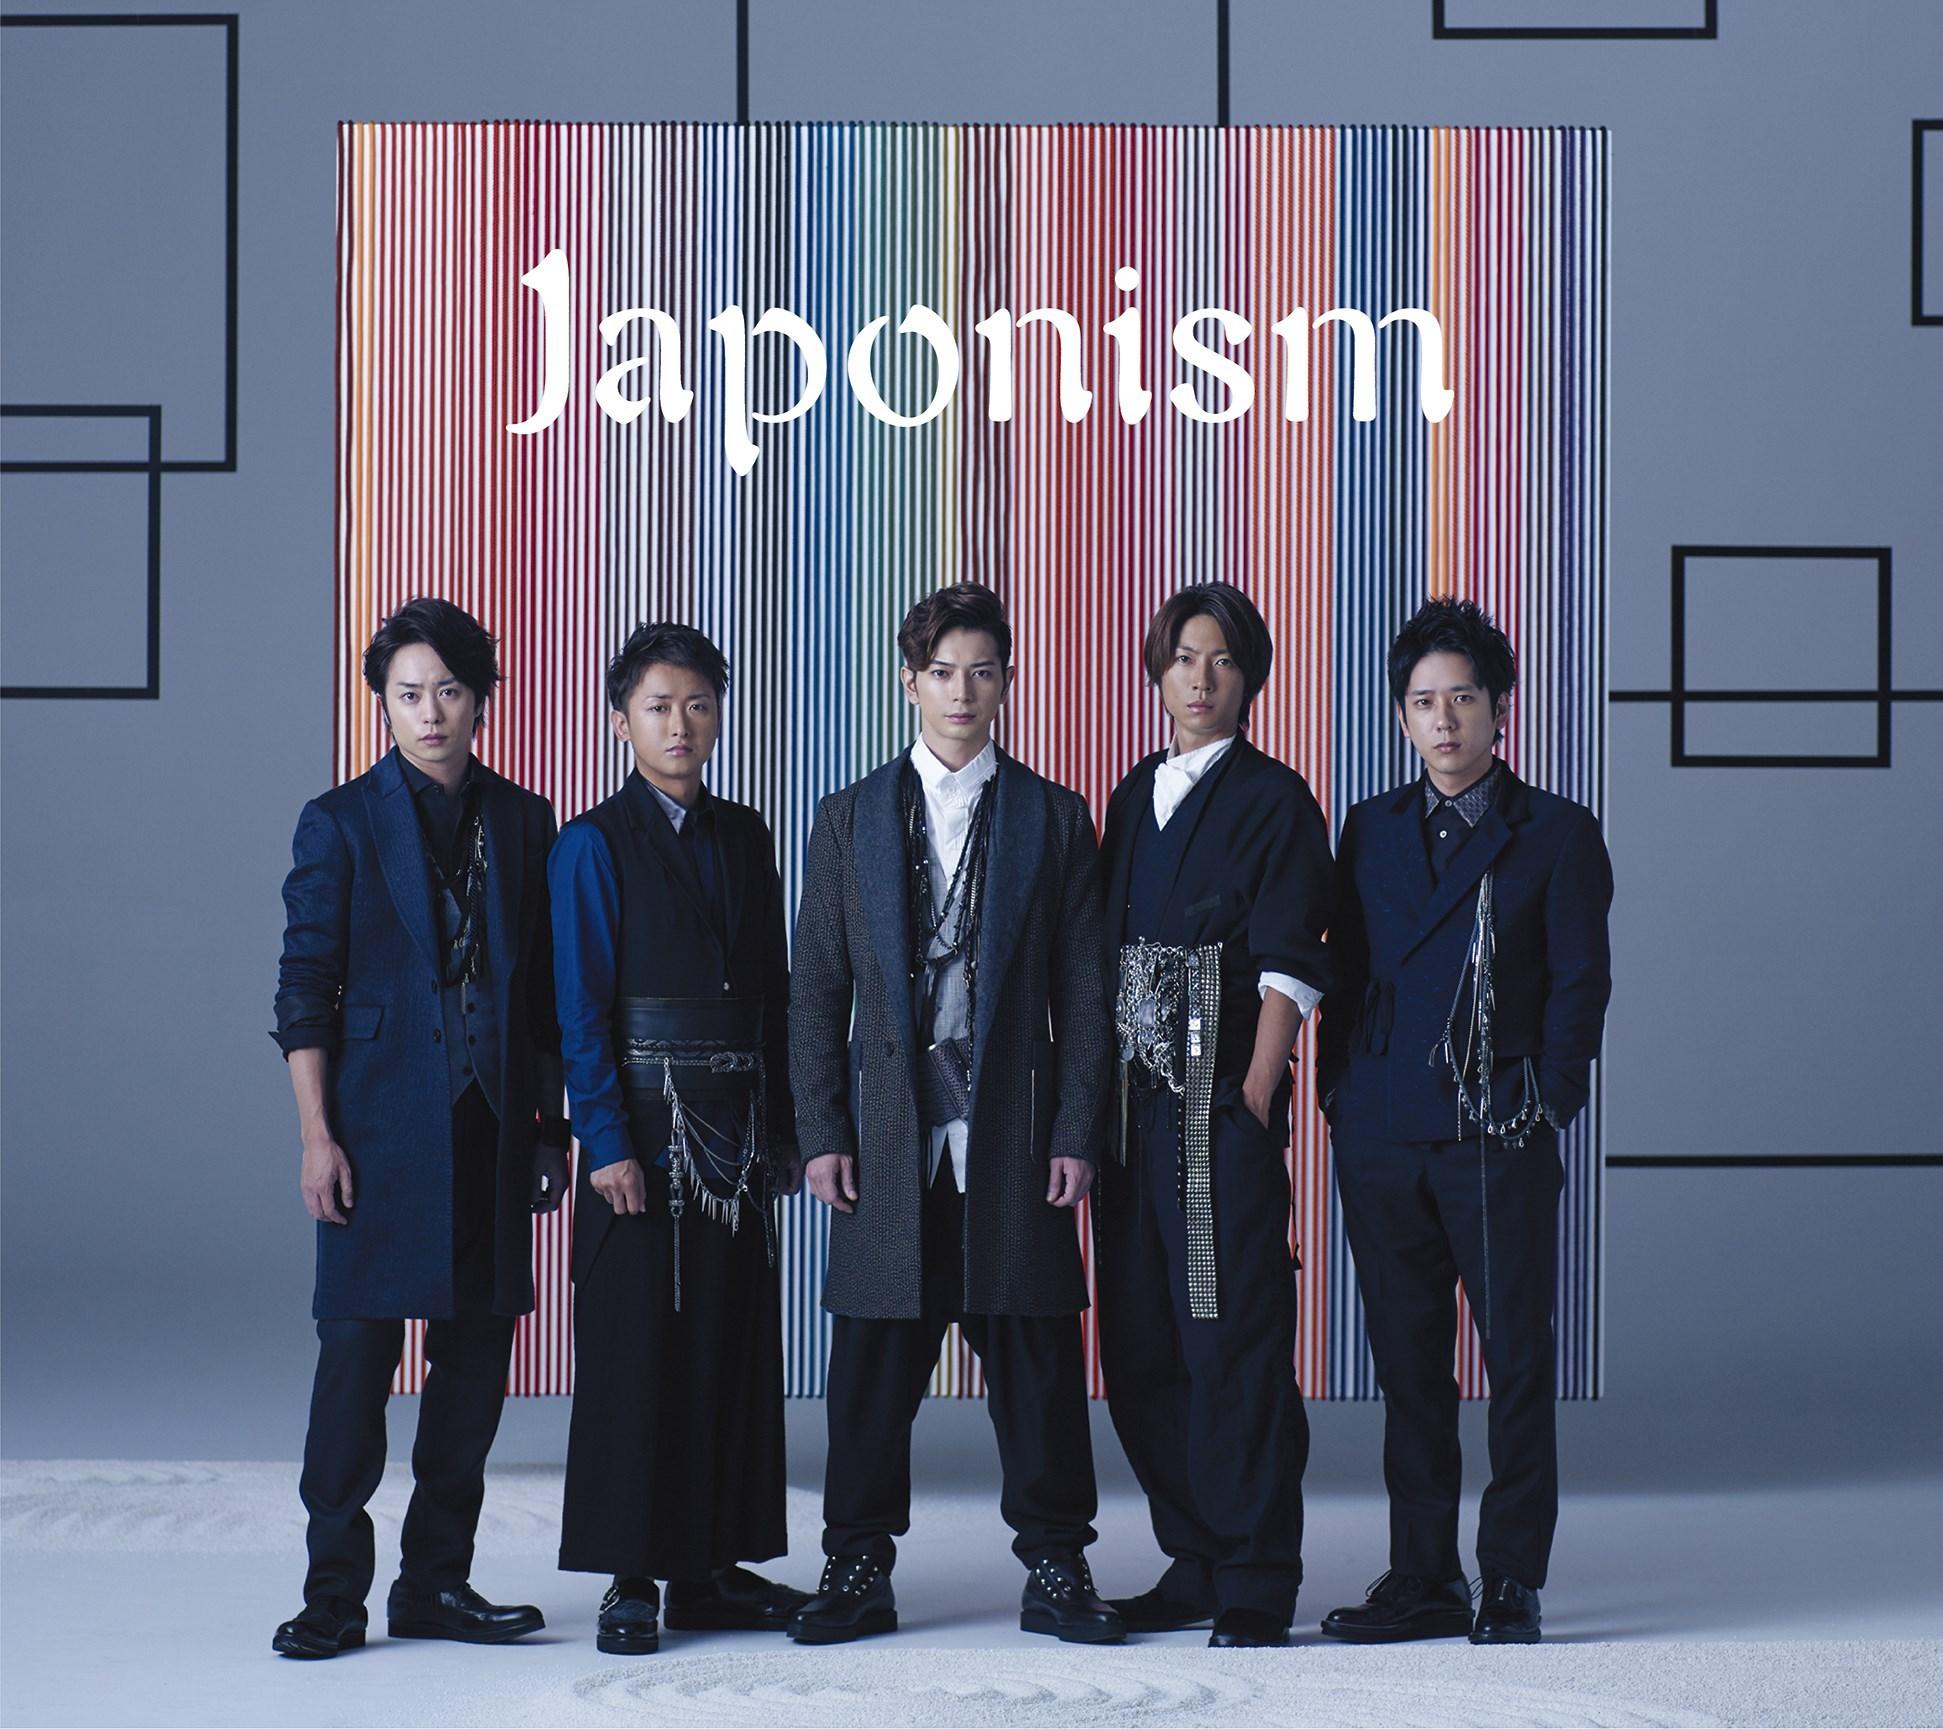 嵐 (あらし) 14thアルバム『Japonism (ジャポニズム)』(初回限定盤) 高画質CDジャケット画像